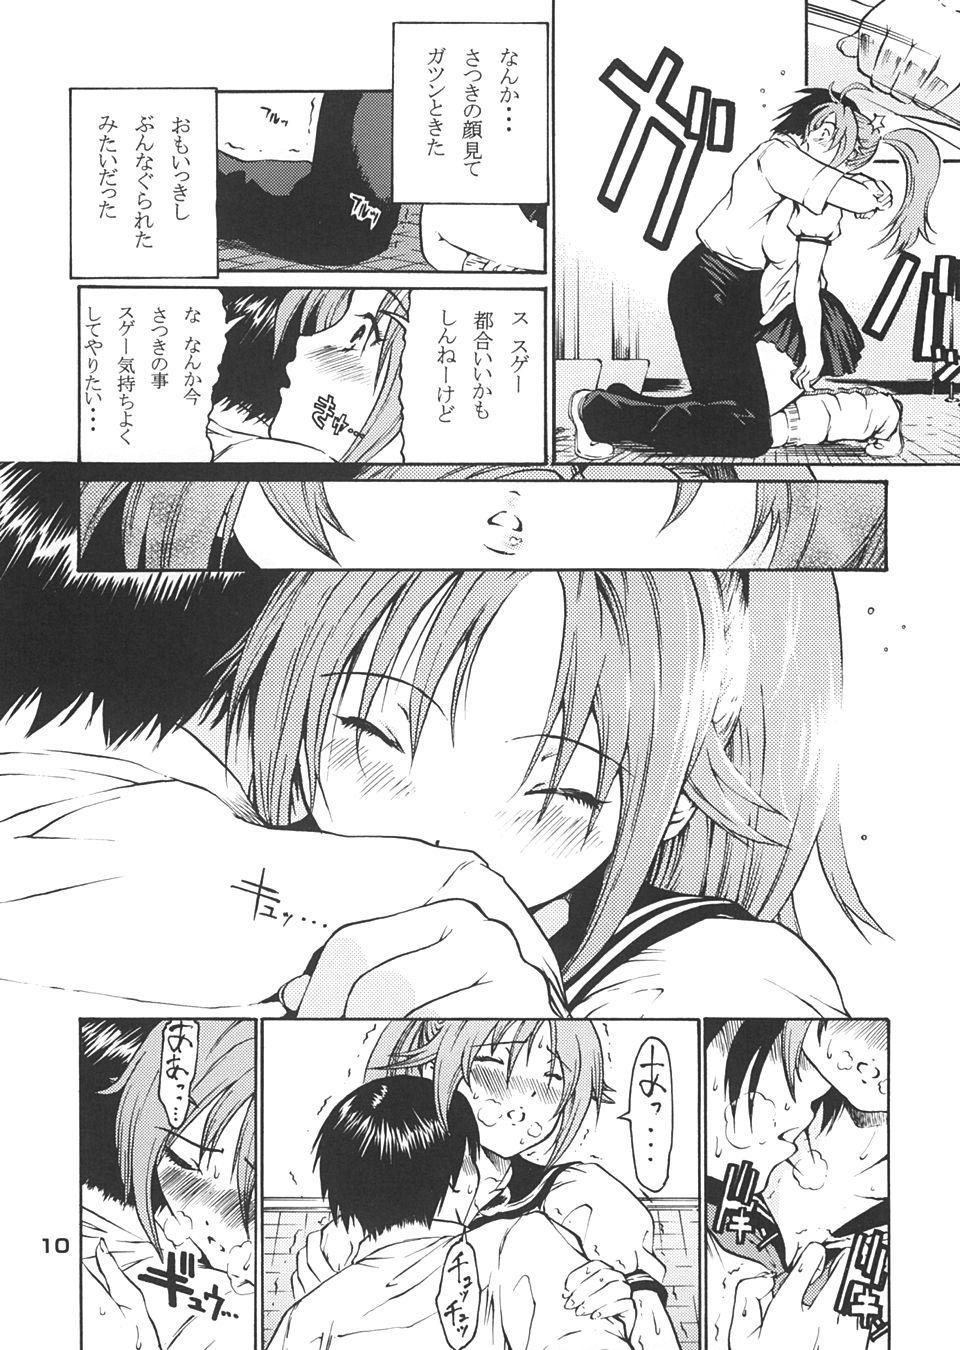 Haru Ichigo - Spring Strawberry 8